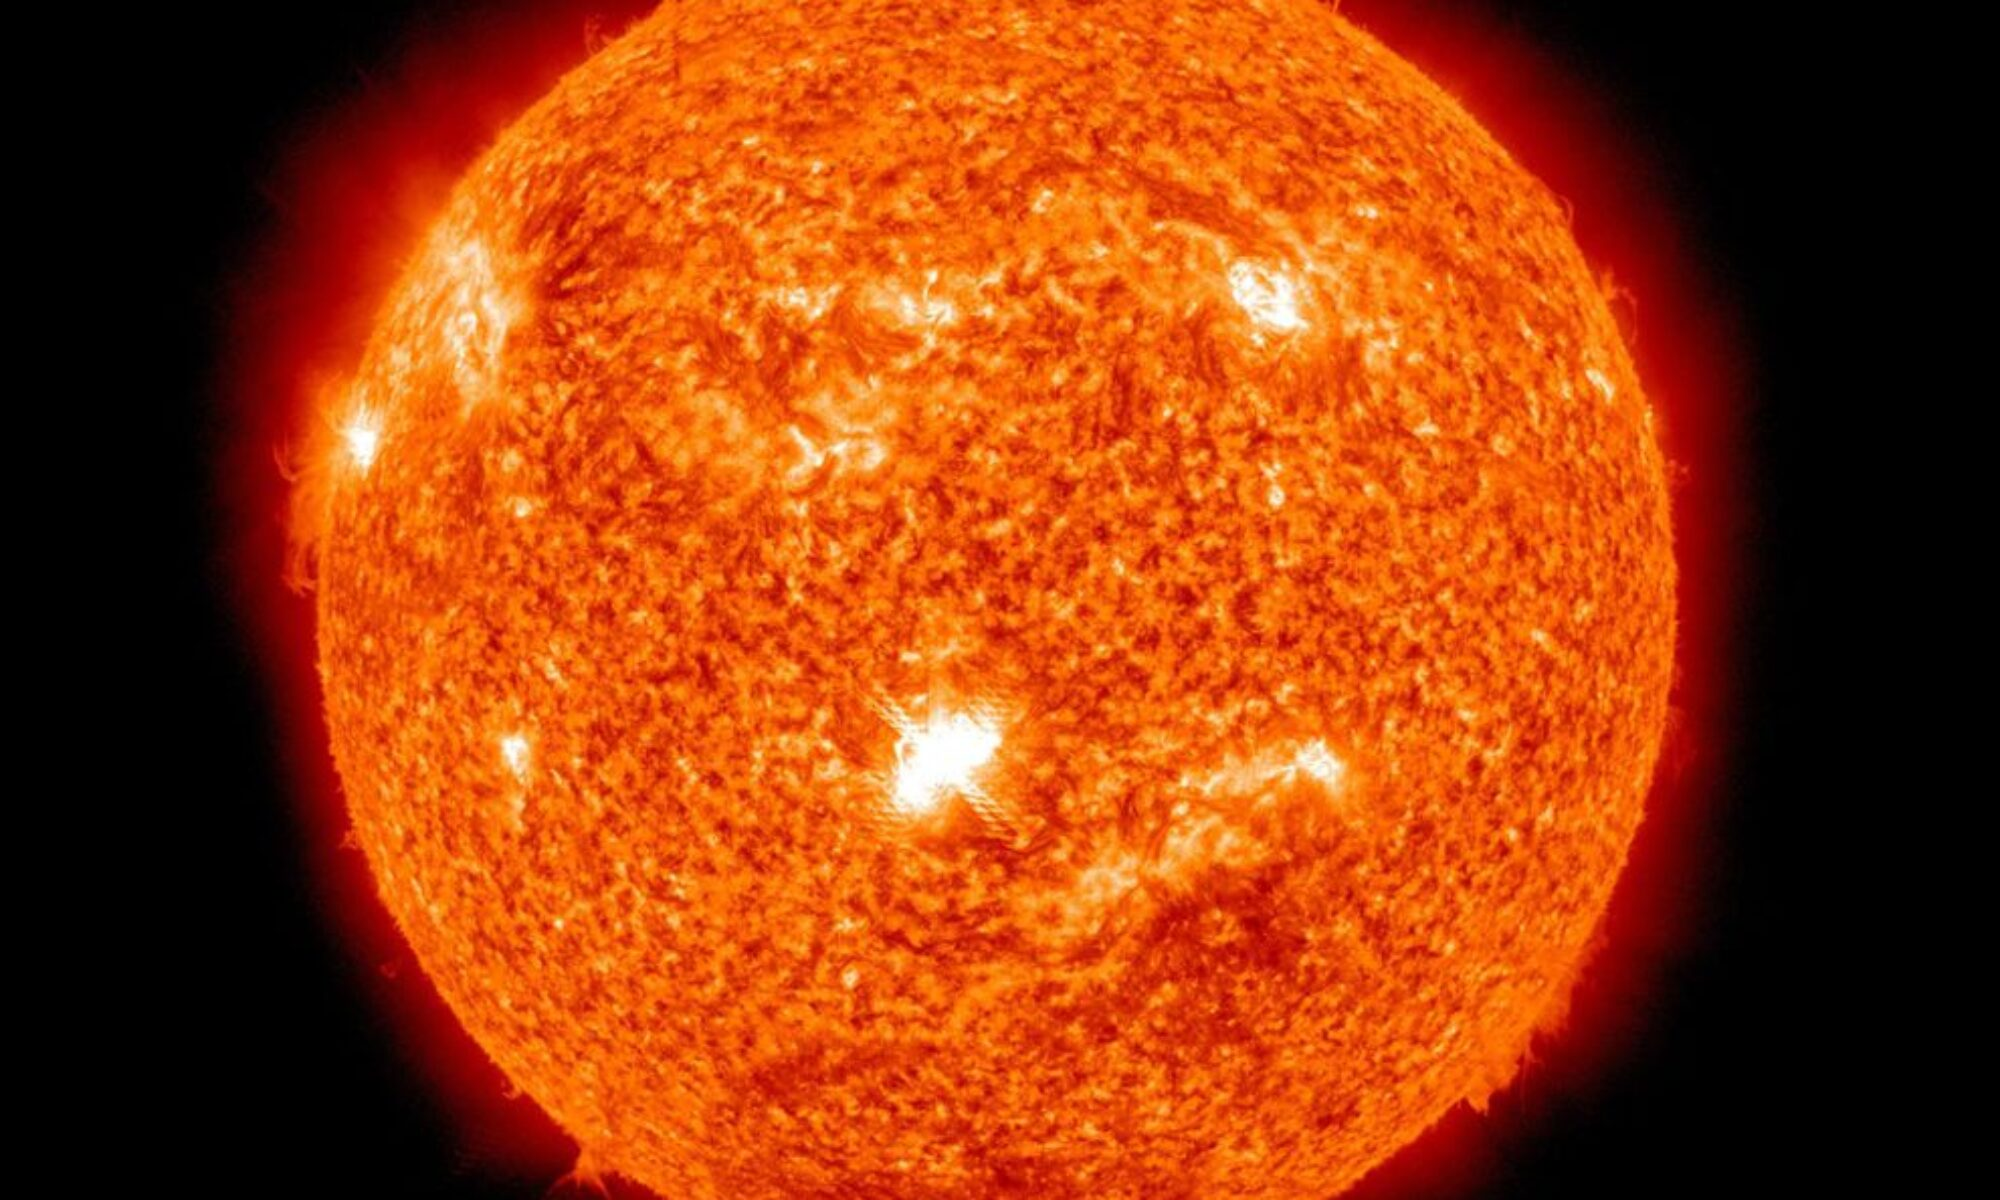 Güneş yüzeyinde patlamalar medyada geldi, püsküren maddeler Dünya'da jeomanyetik fırtınalara yol aça bilir